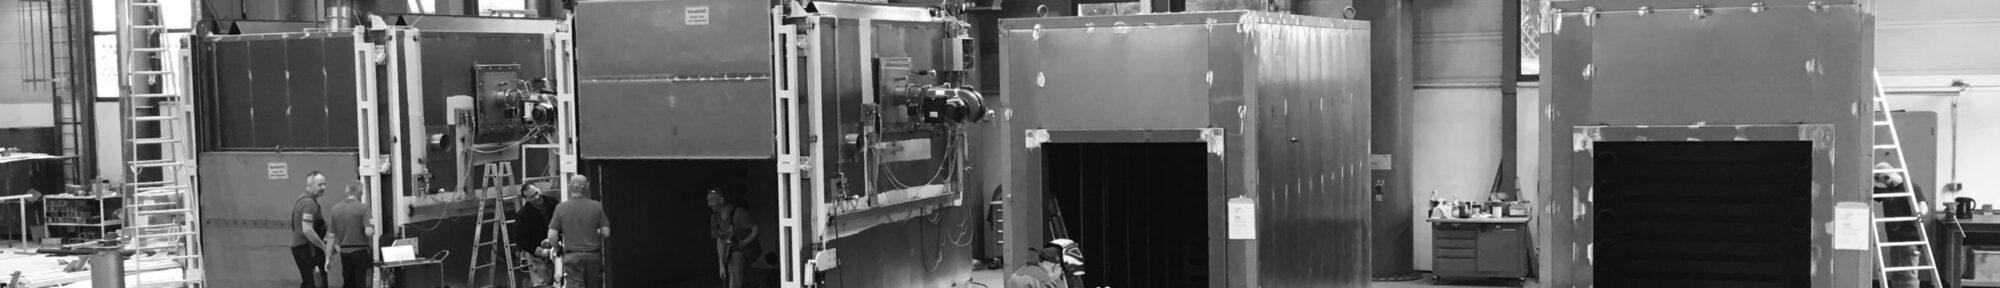 满足您需求的解决方案: 650摄氏度以内的工业炉_Headerbild